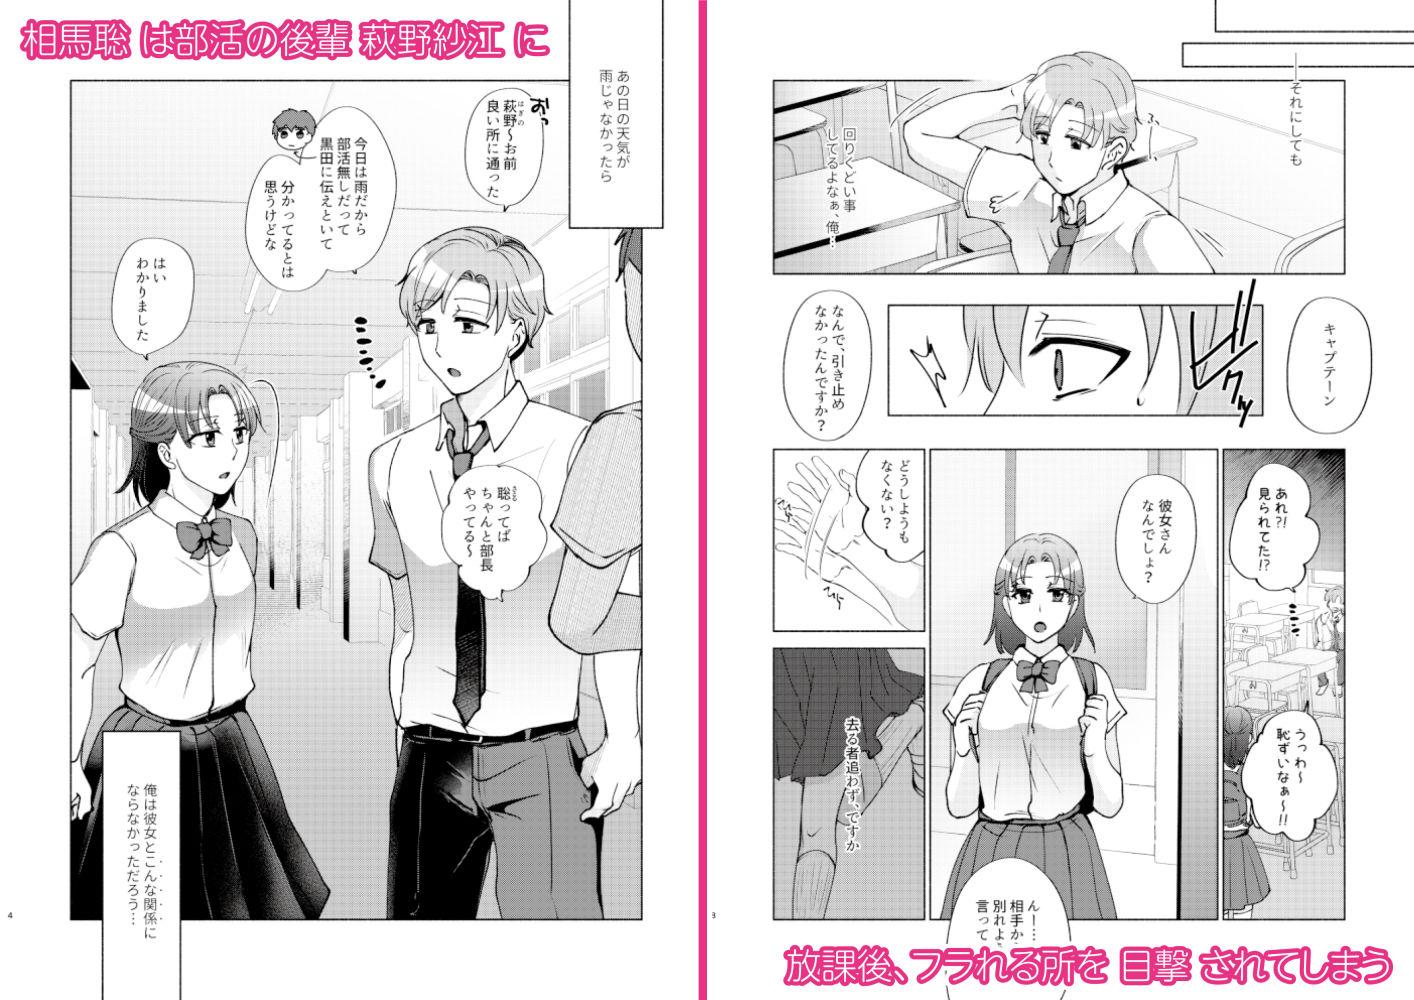 【かつぎ屋 同人】後輩萩野との曖昧な関係